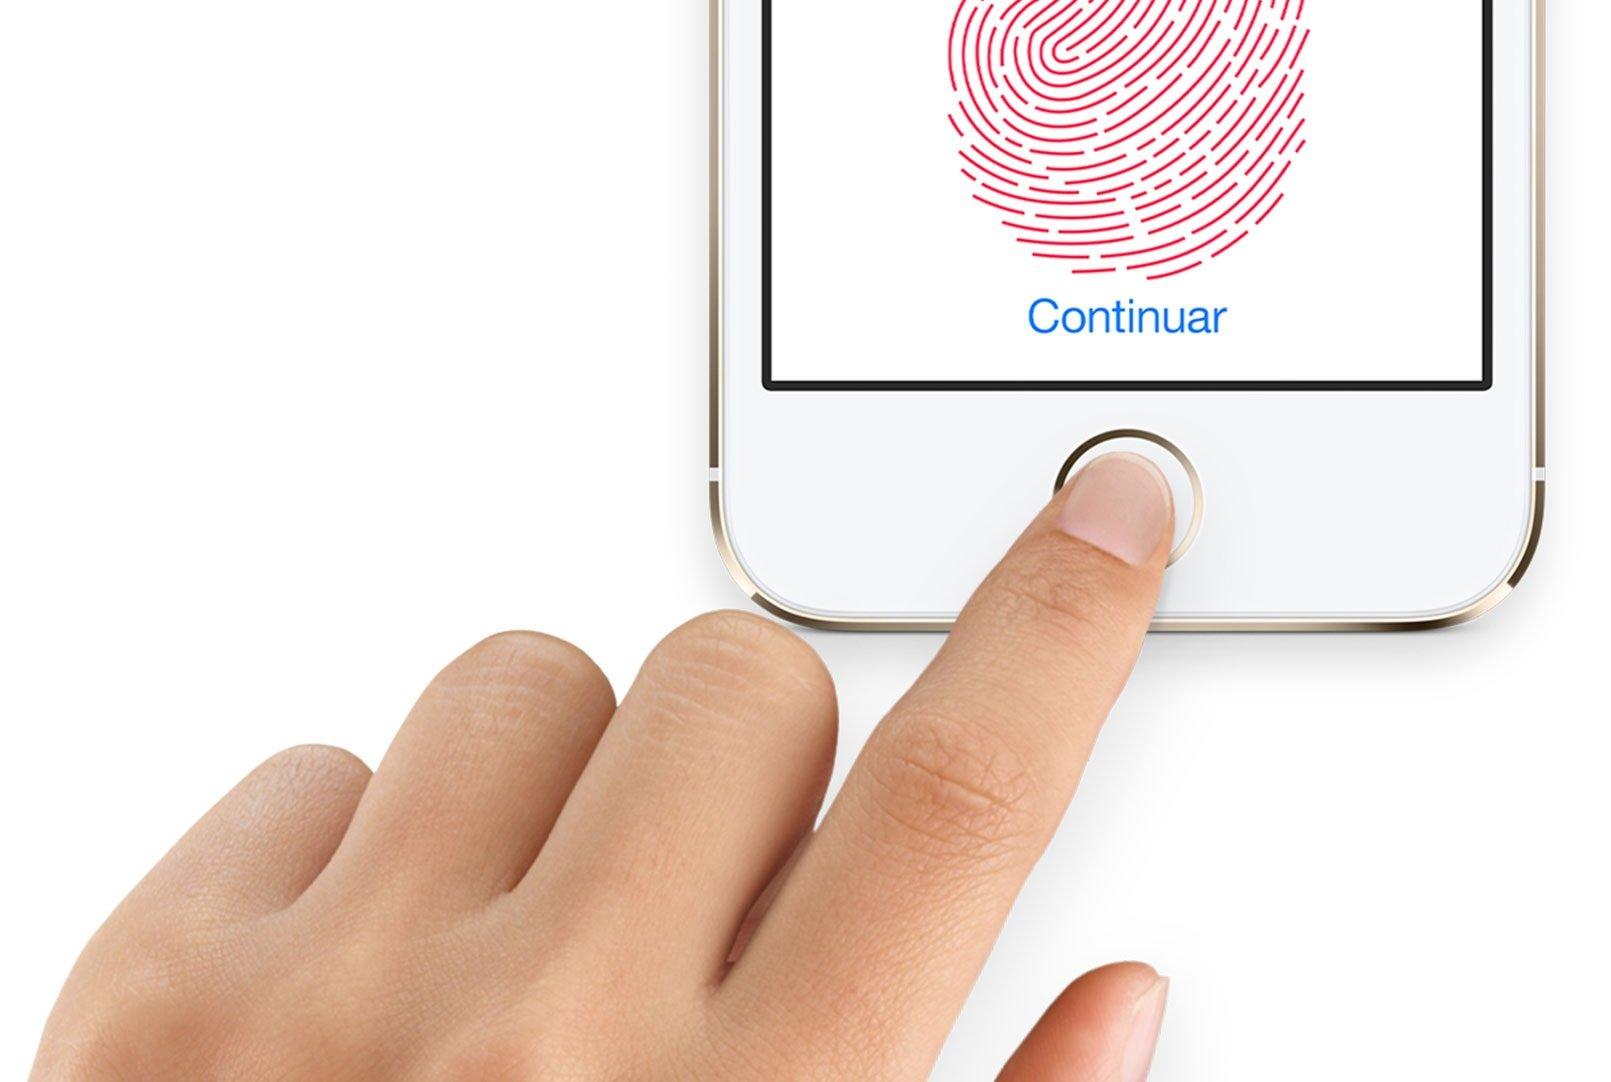 Lançamento do iPhone 8 deve ser adiado para outubro